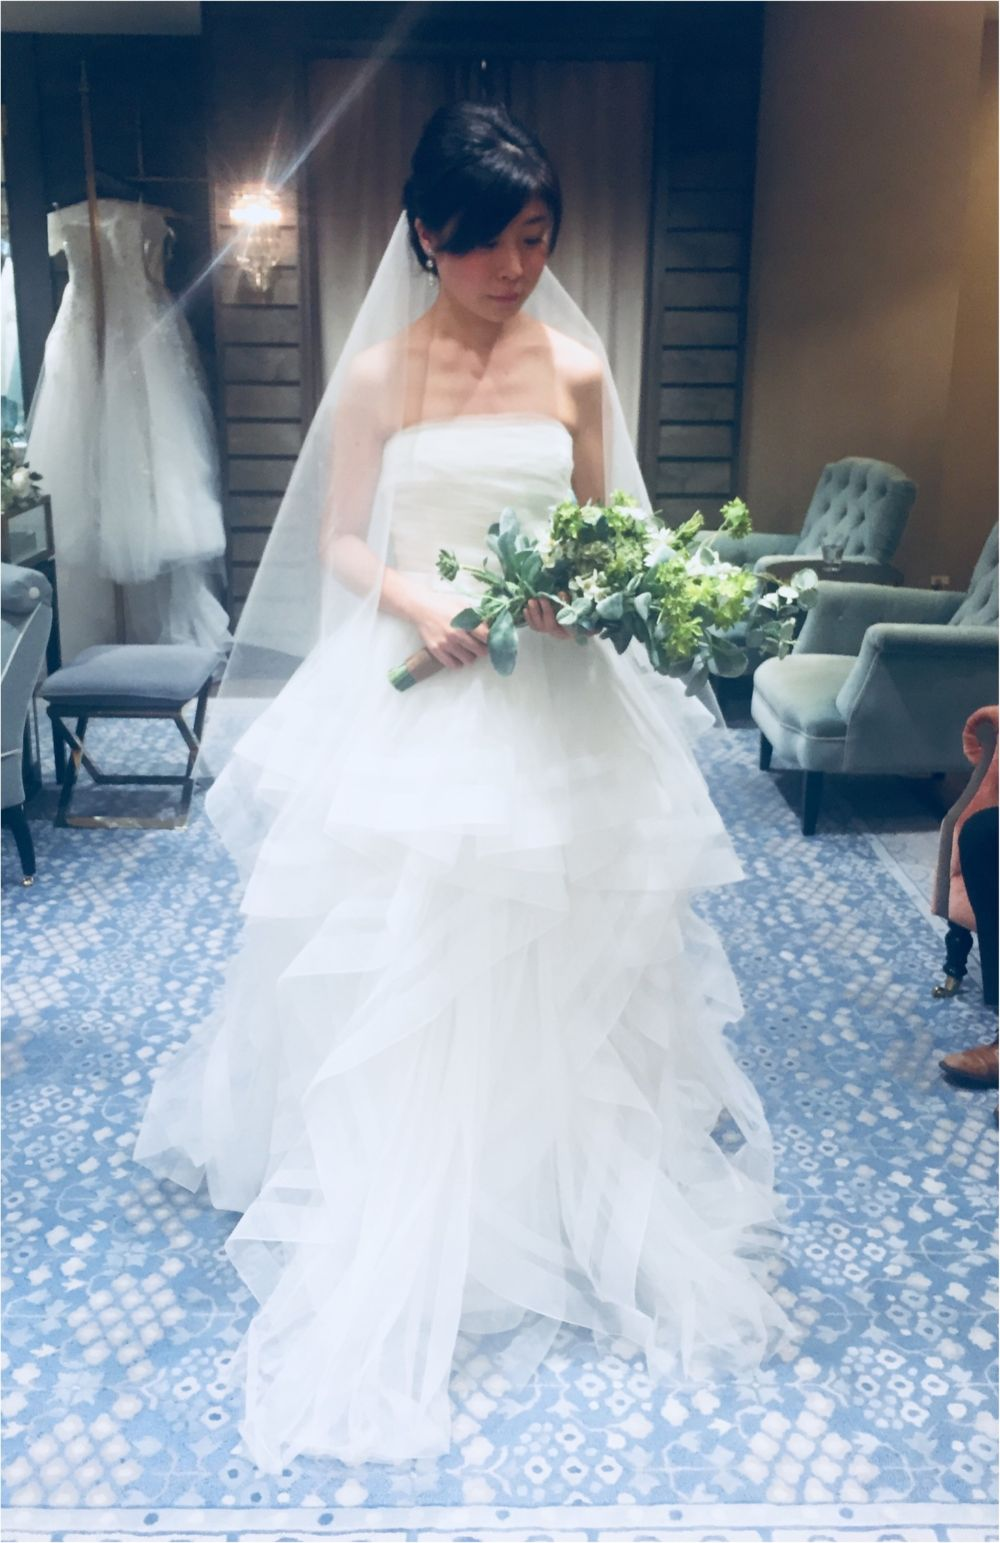 卒花さんに聞く【ドレス特集】-  結婚式・二次会におすすめ! プレ花嫁さんに人気のおしゃれなウェディングドレスは?_24